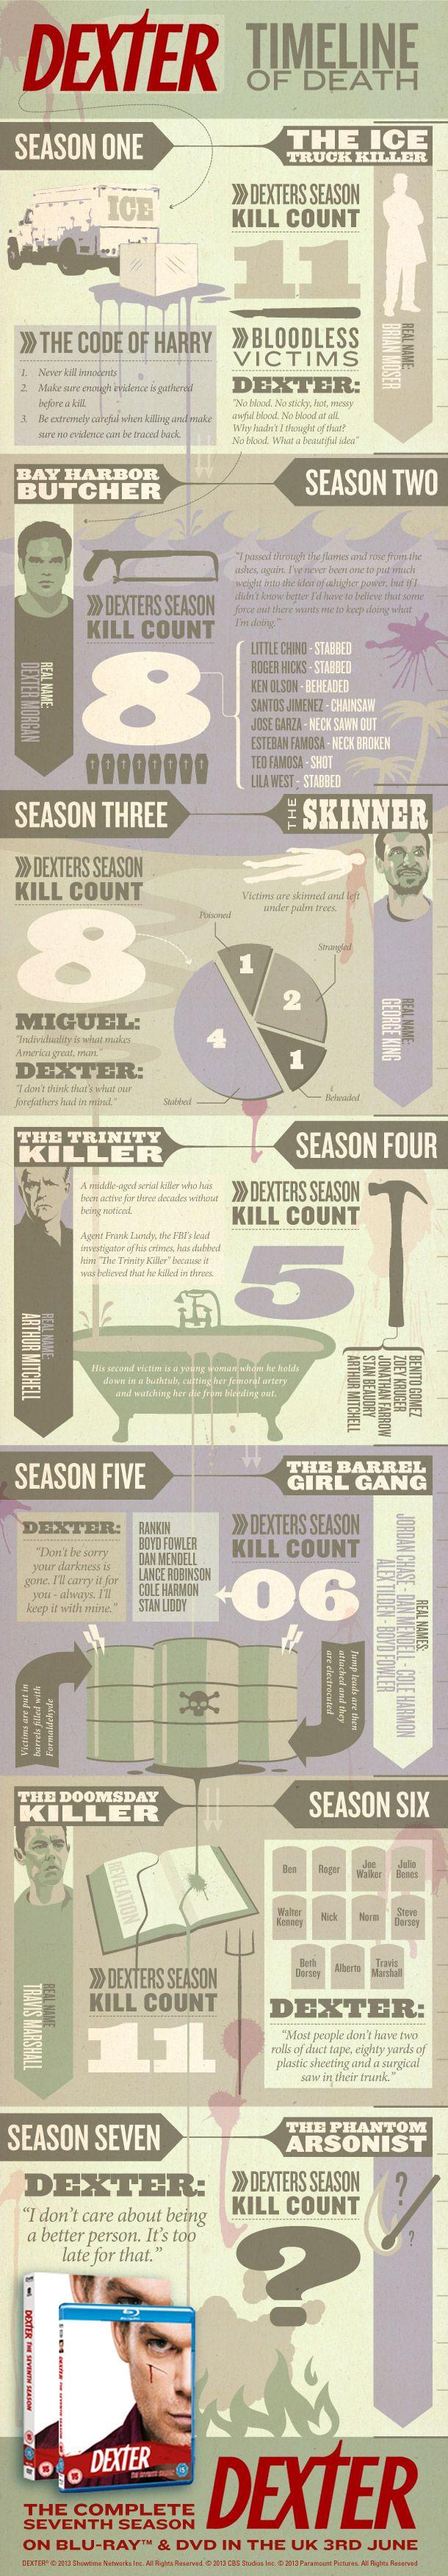 Dexter-infographic-dexter-34529930-610-3504.jpg 610×3,504 pixels